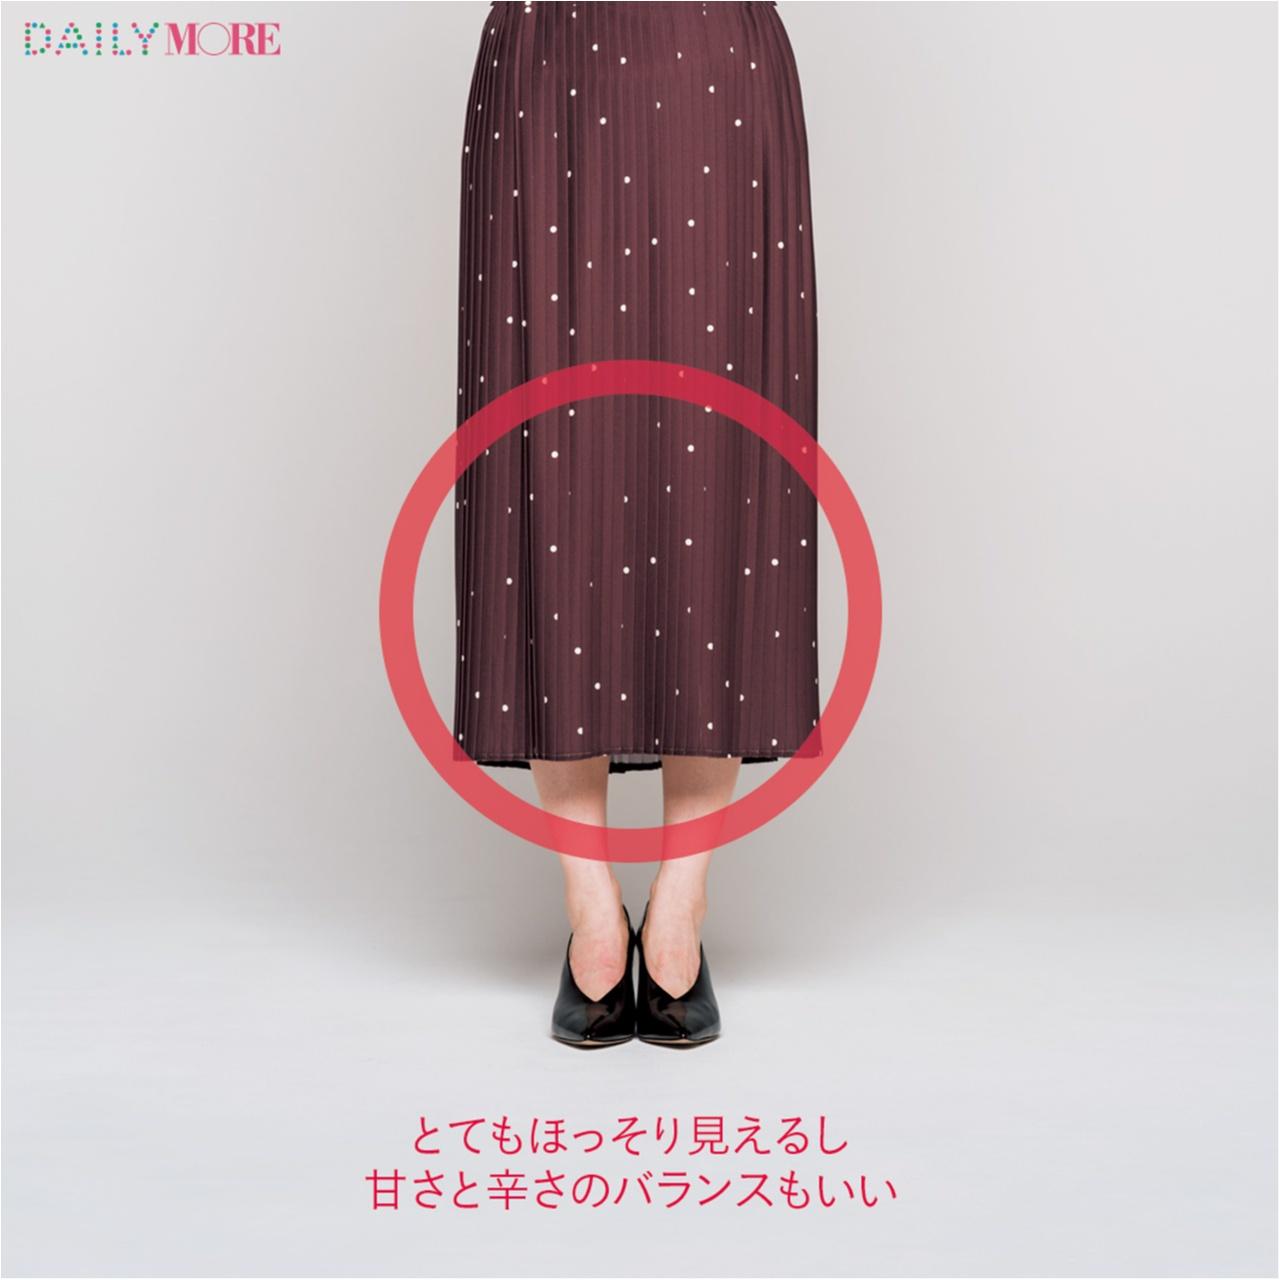 【脚長に見えるのはどれだ⁉】一目瞭然! トレンド靴に似合うスカートはき比べ_1_4